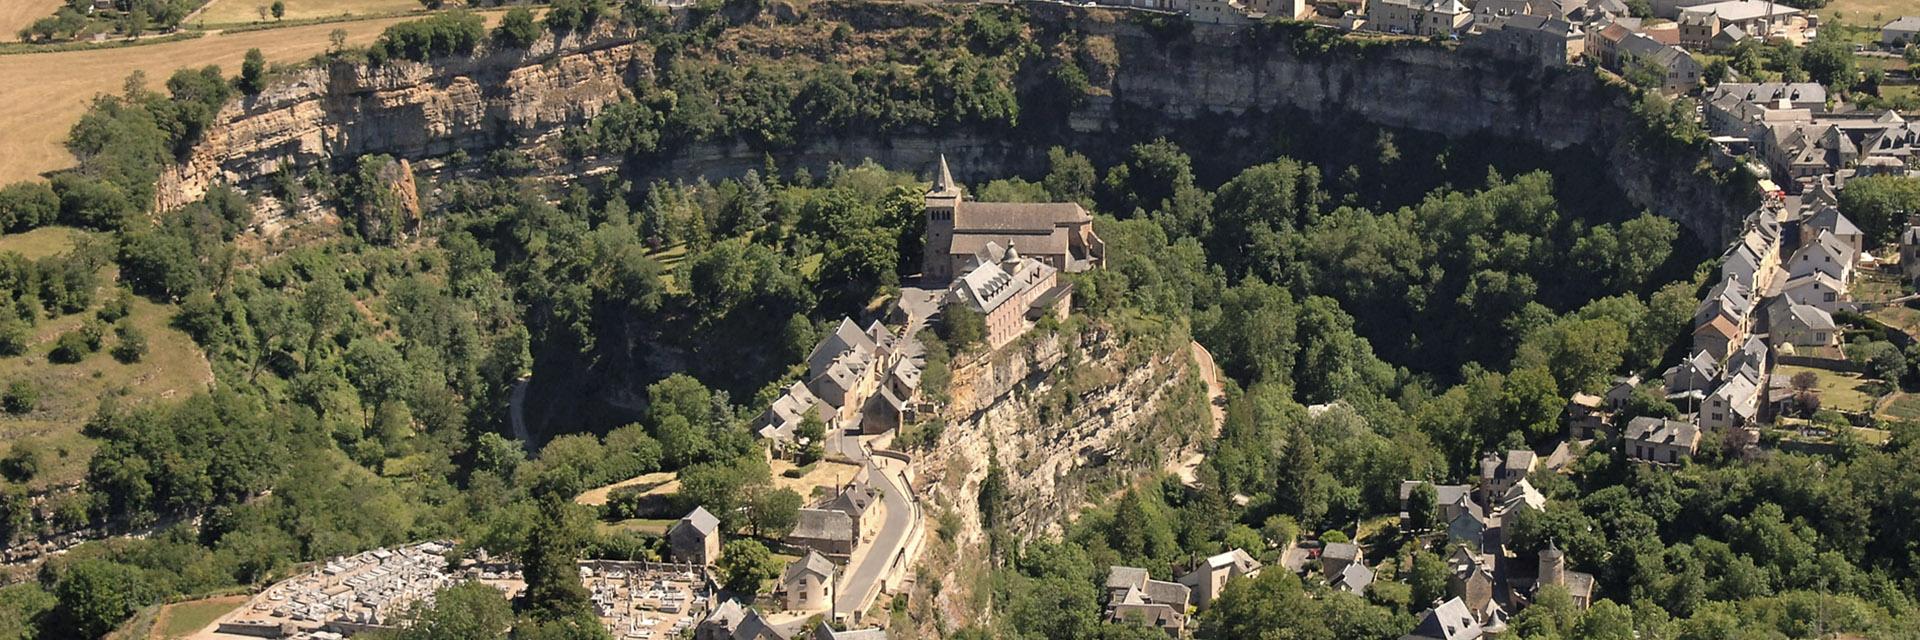 village-vacance-l-oustal-pont-les-bains-canyon-de-bozouls